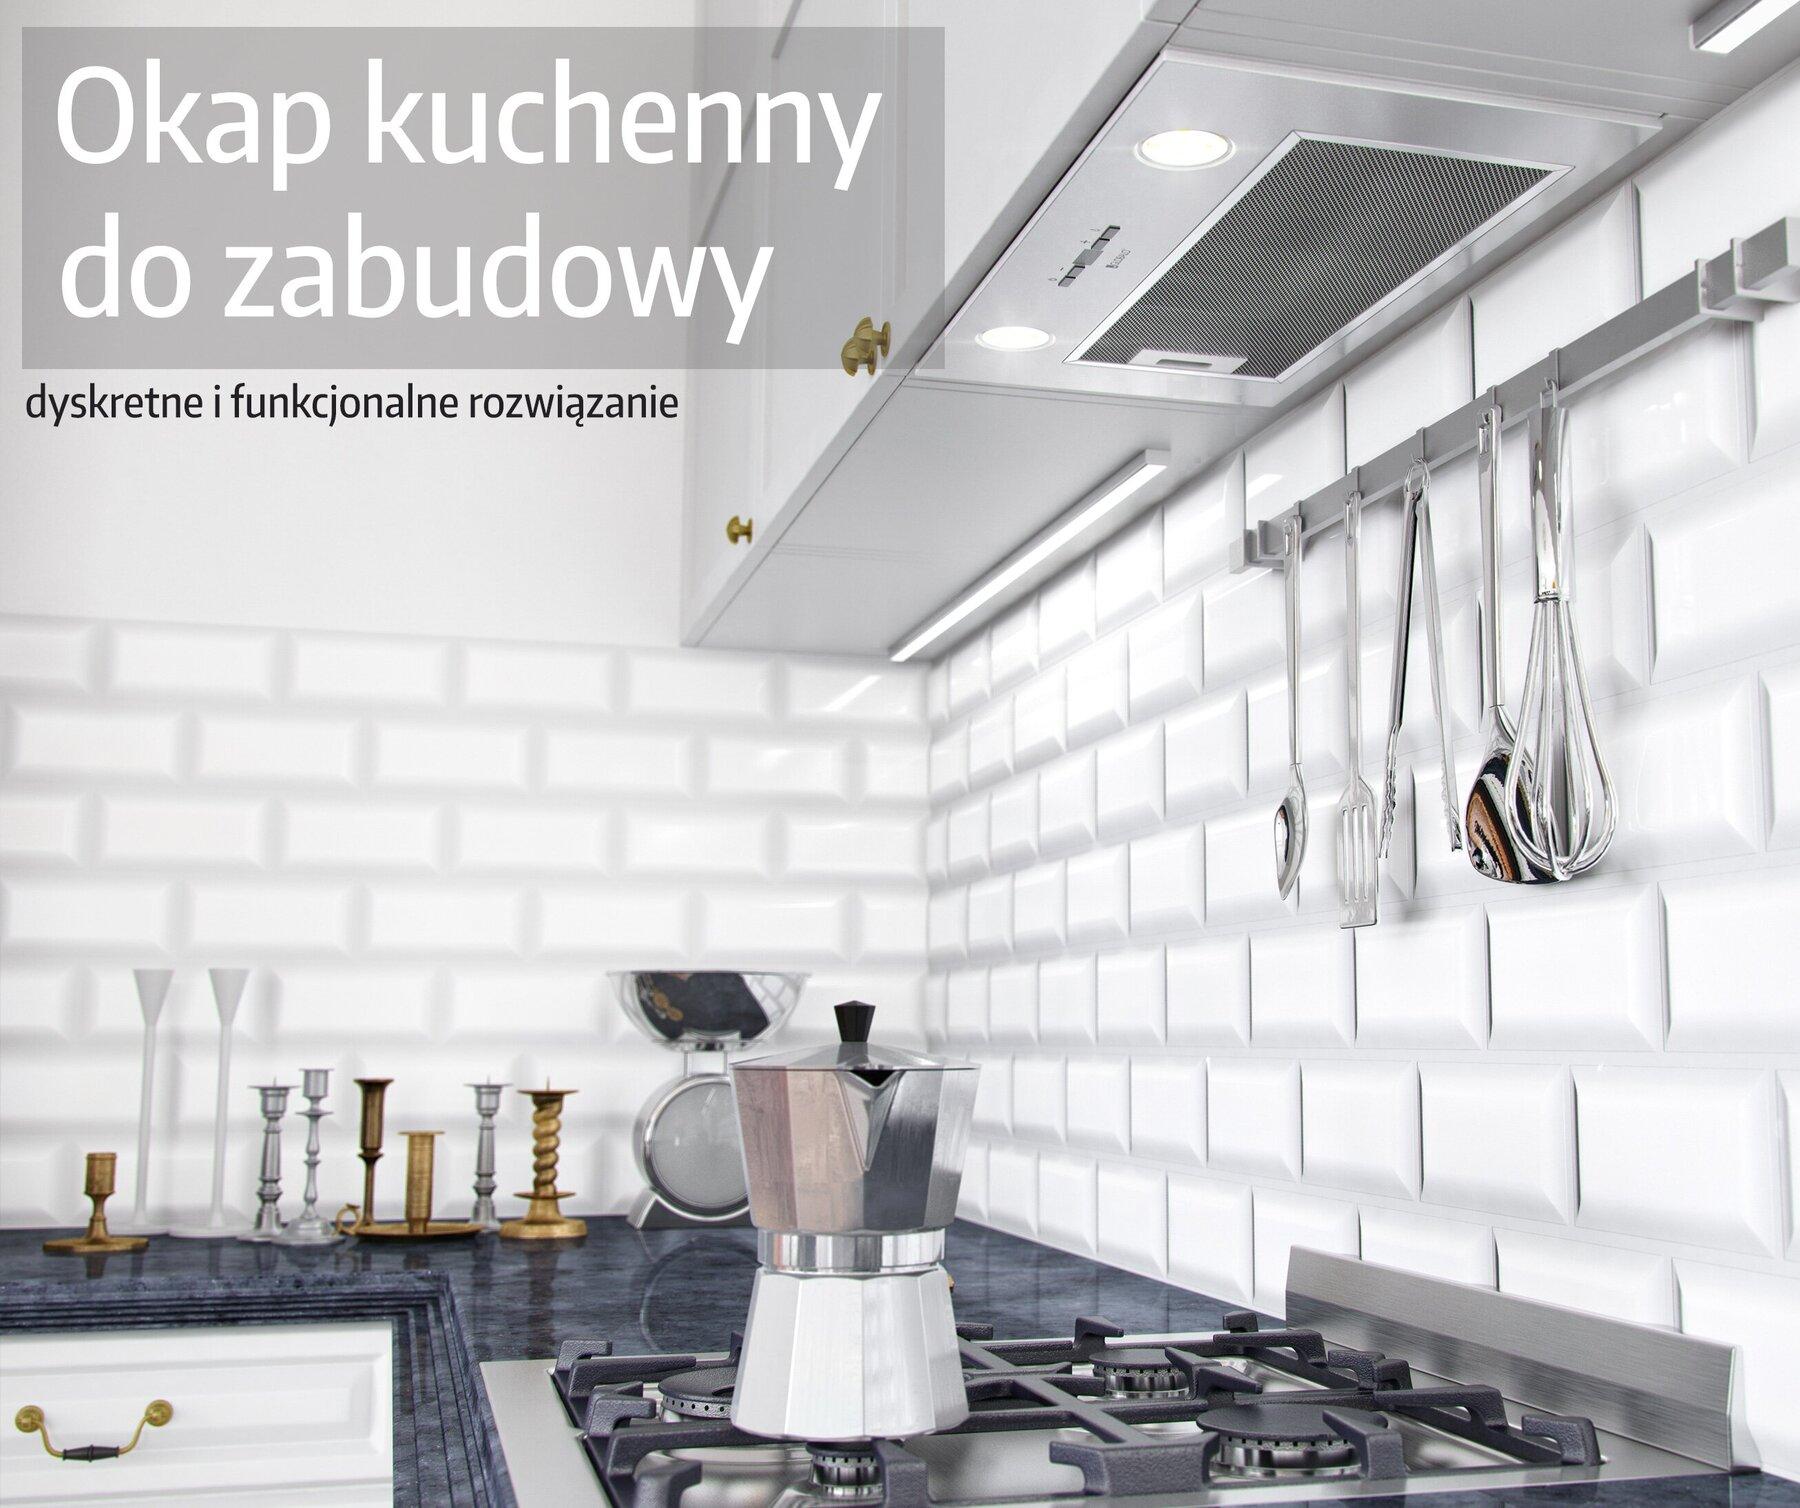 Okap kuchenny do zabudowy